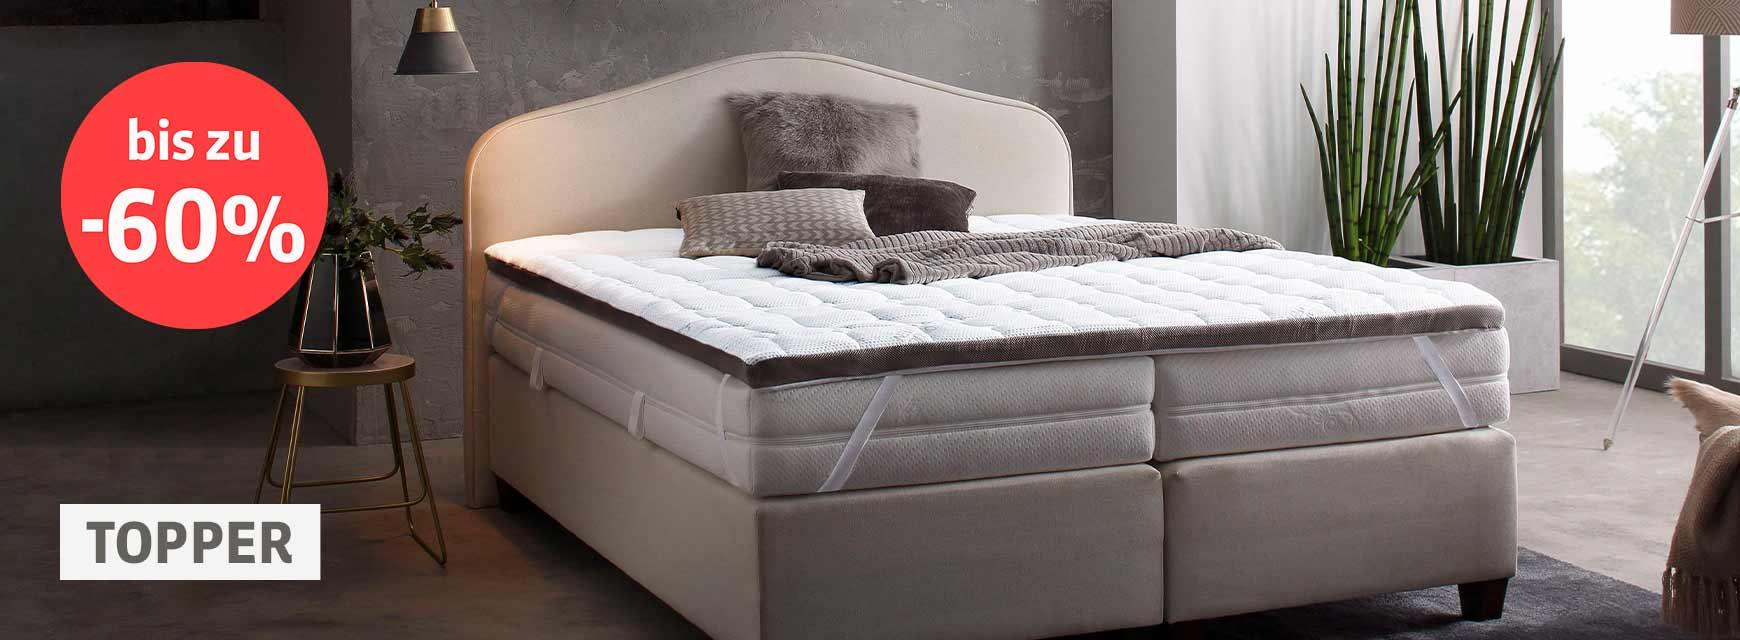 Full Size of Bett Kaufen Hamburg Matratzen Topper Online Auf Schlafweltde Massivholz Französische Betten Altes Mit Aufbewahrung Gepolstertem Kopfteil 140x200 200x220 Bett Bett Kaufen Hamburg